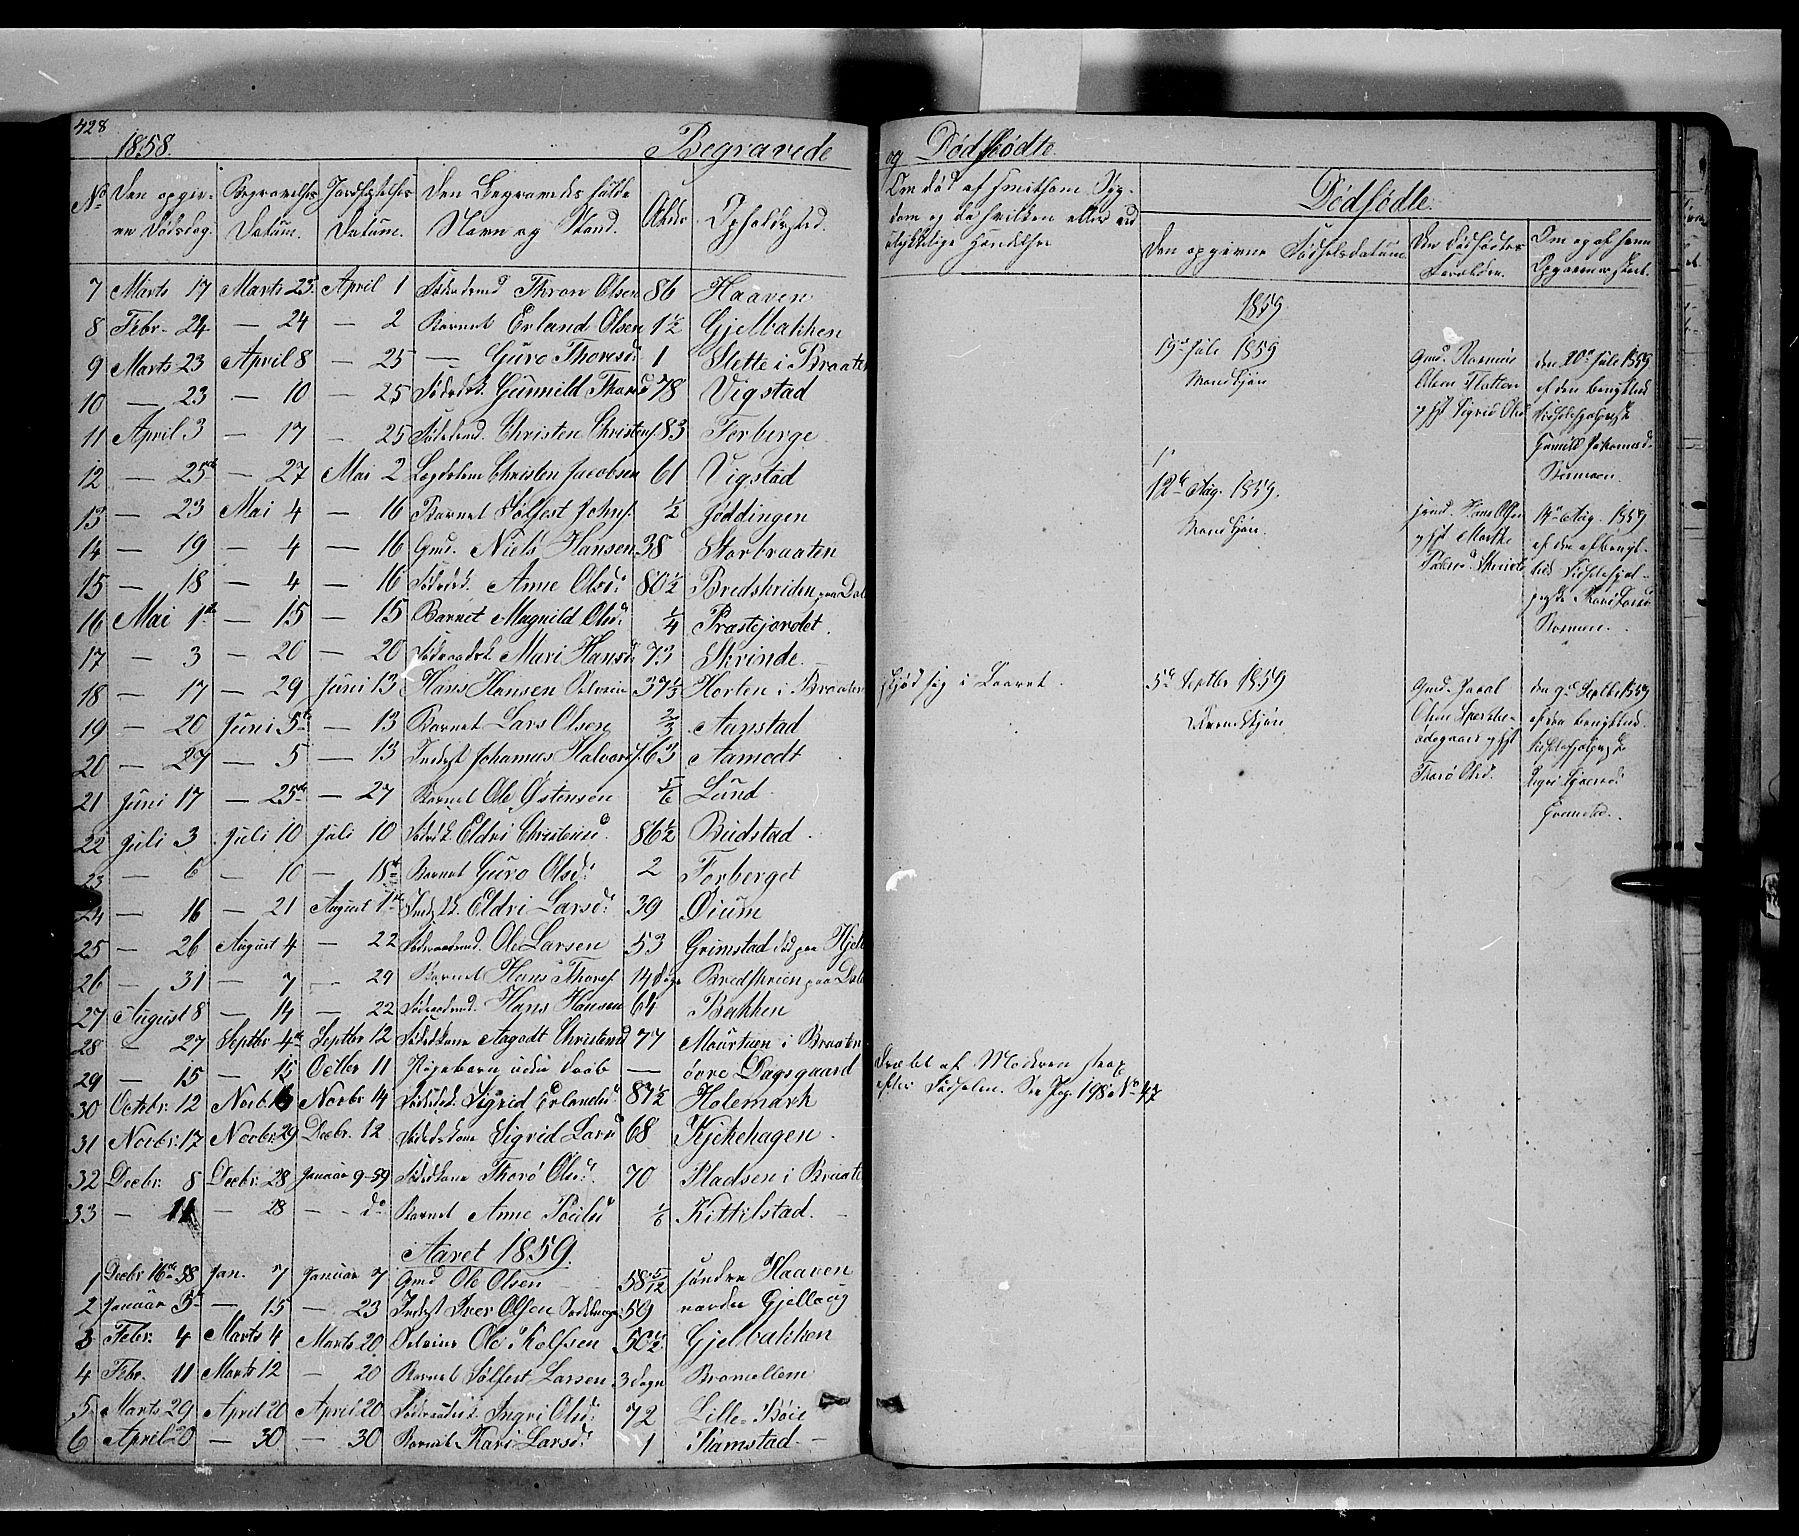 SAH, Lom prestekontor, L/L0004: Klokkerbok nr. 4, 1845-1864, s. 428-429